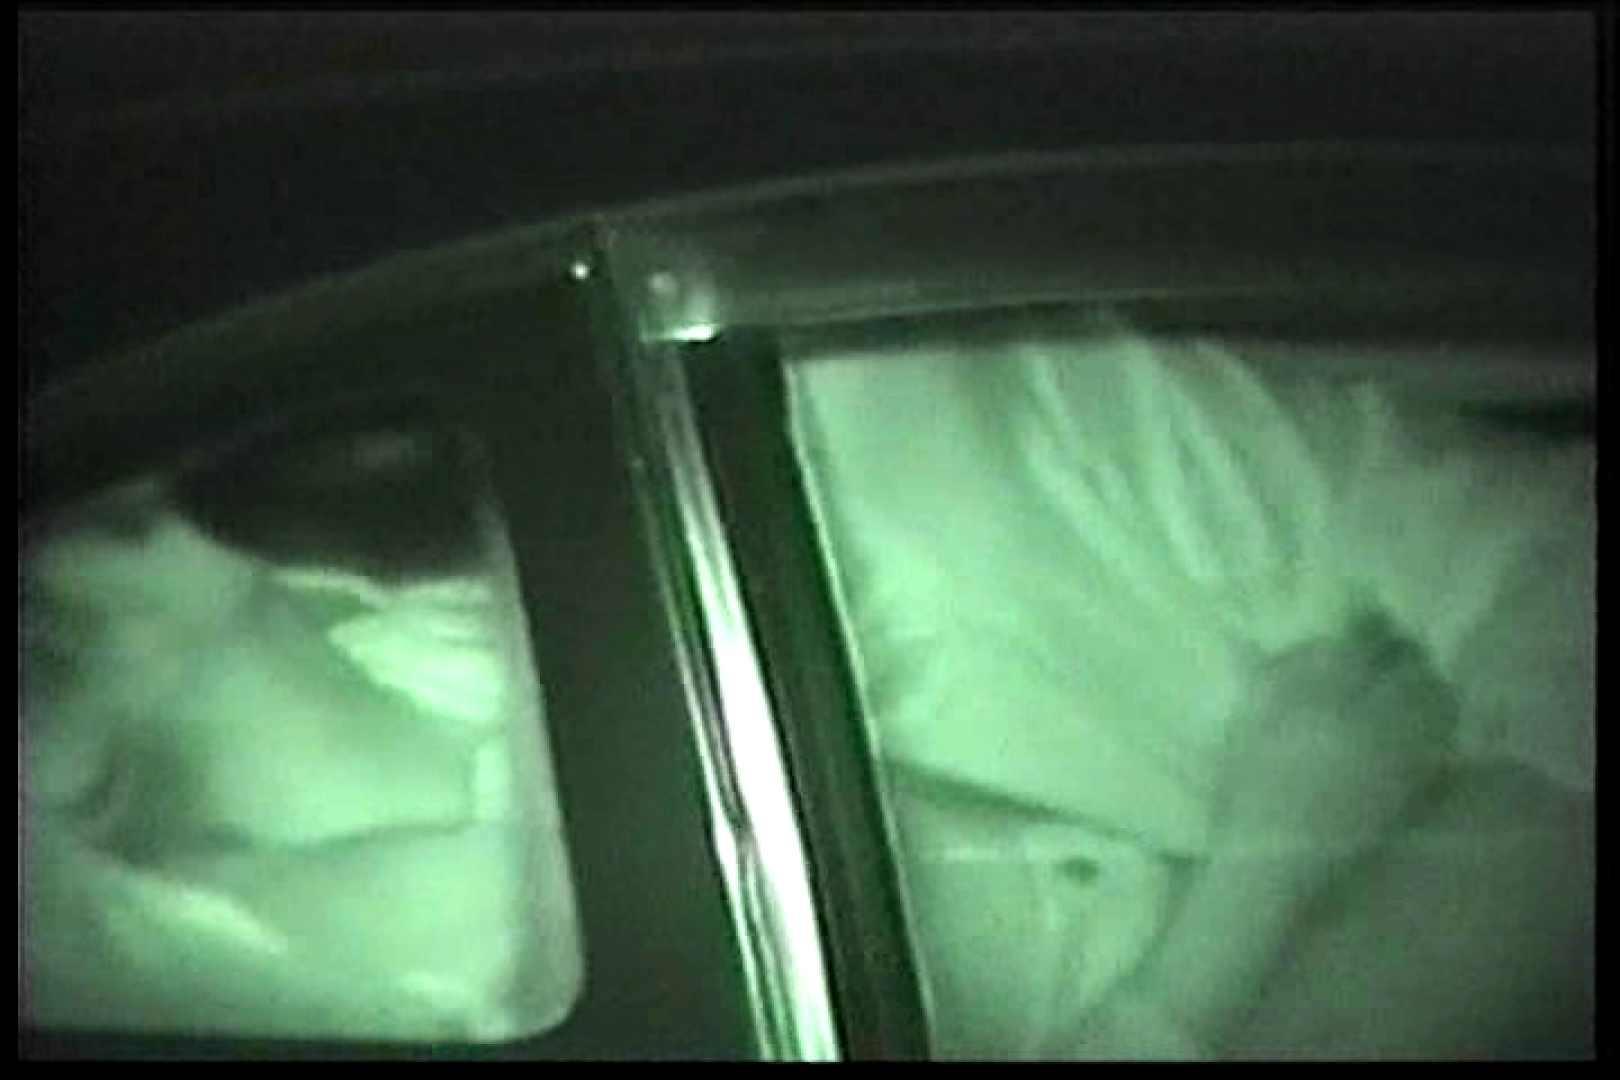 車の中はラブホテル 無修正版  Vol.11 ホテル スケベ動画紹介 86画像 68